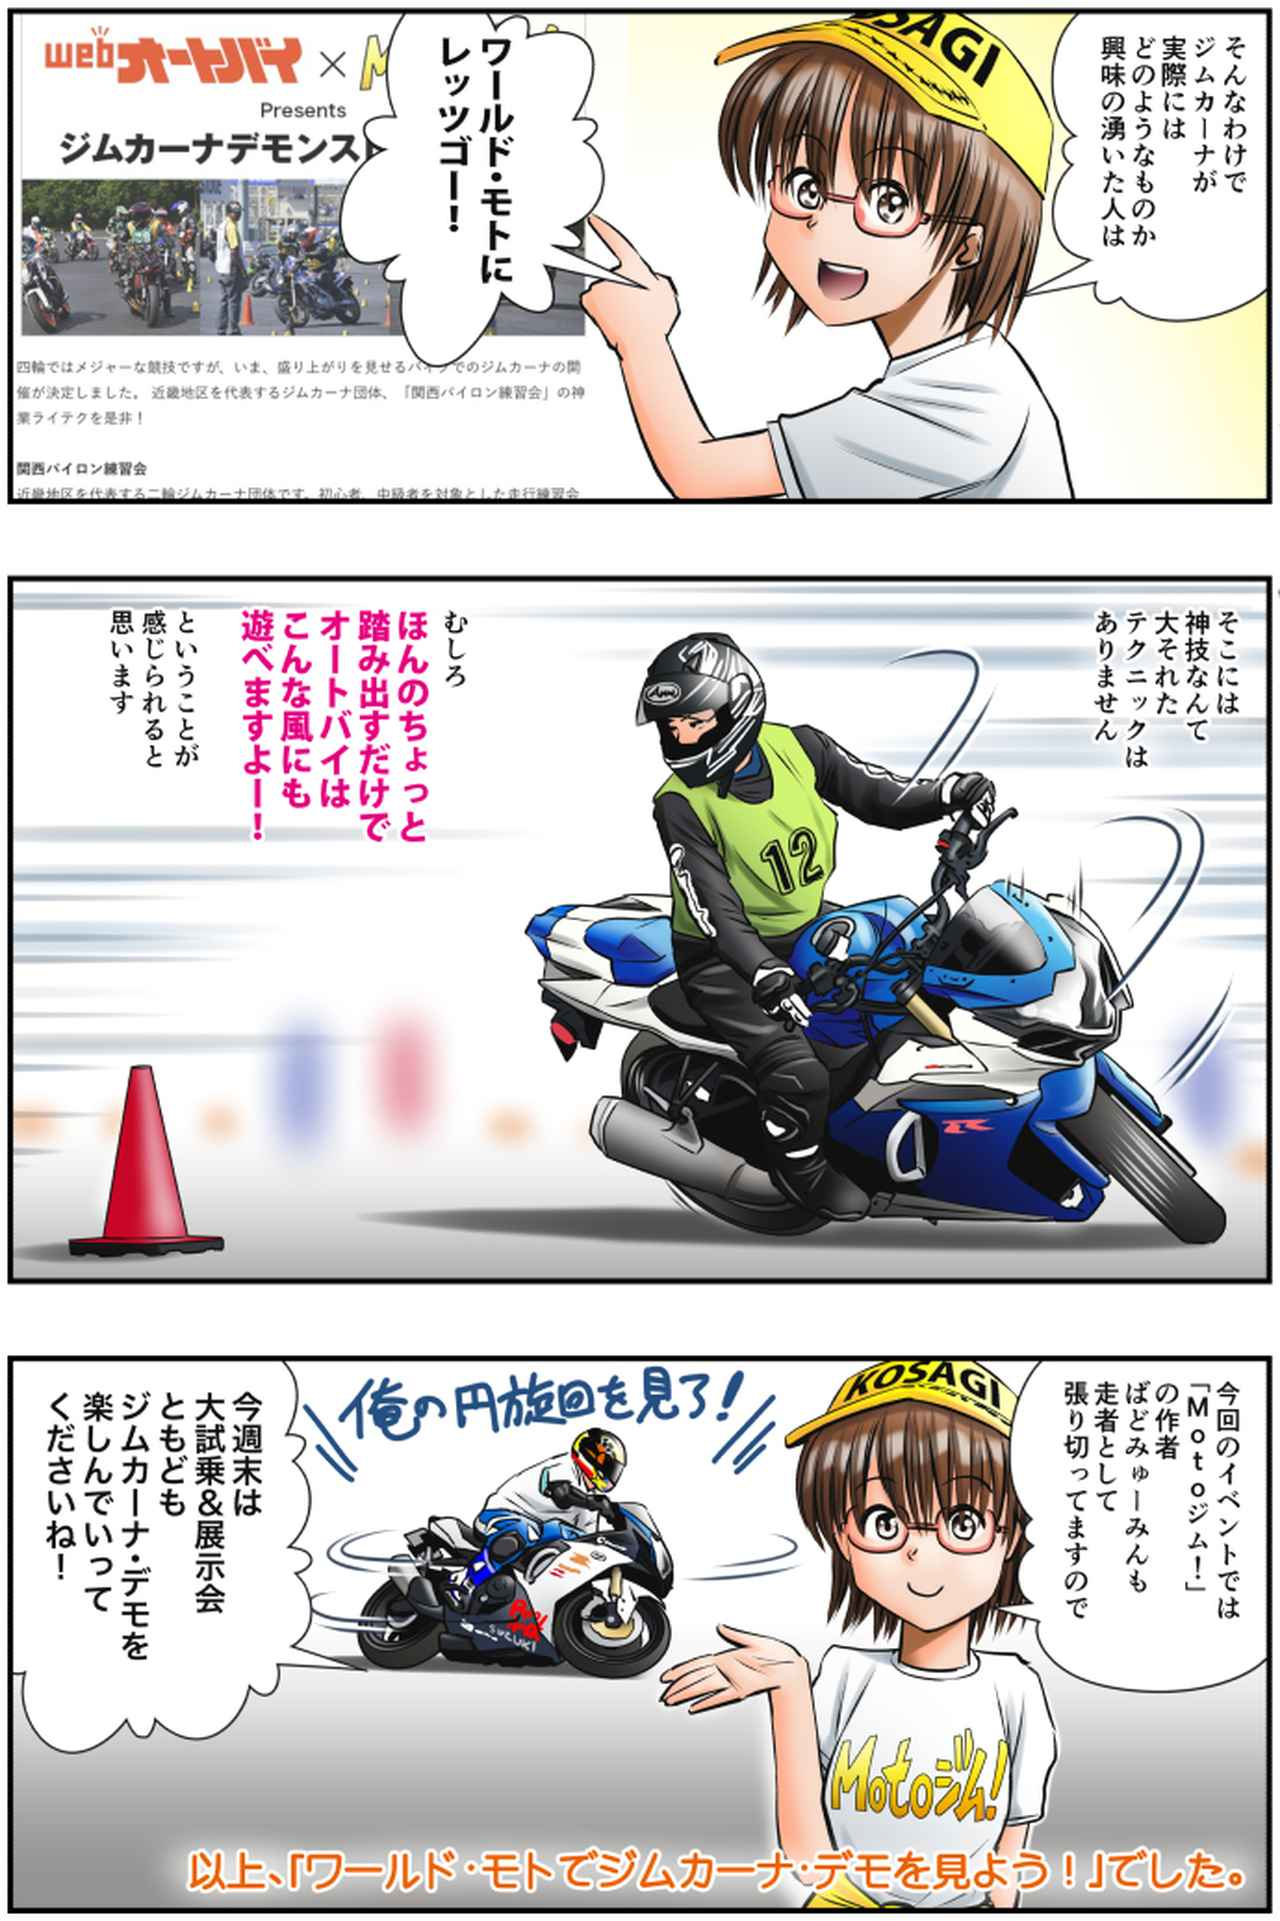 <Motoジム!>10月27日の「ワールドモト」で開催される「ジムカーナデモンストレーション」を漫画で紹介!